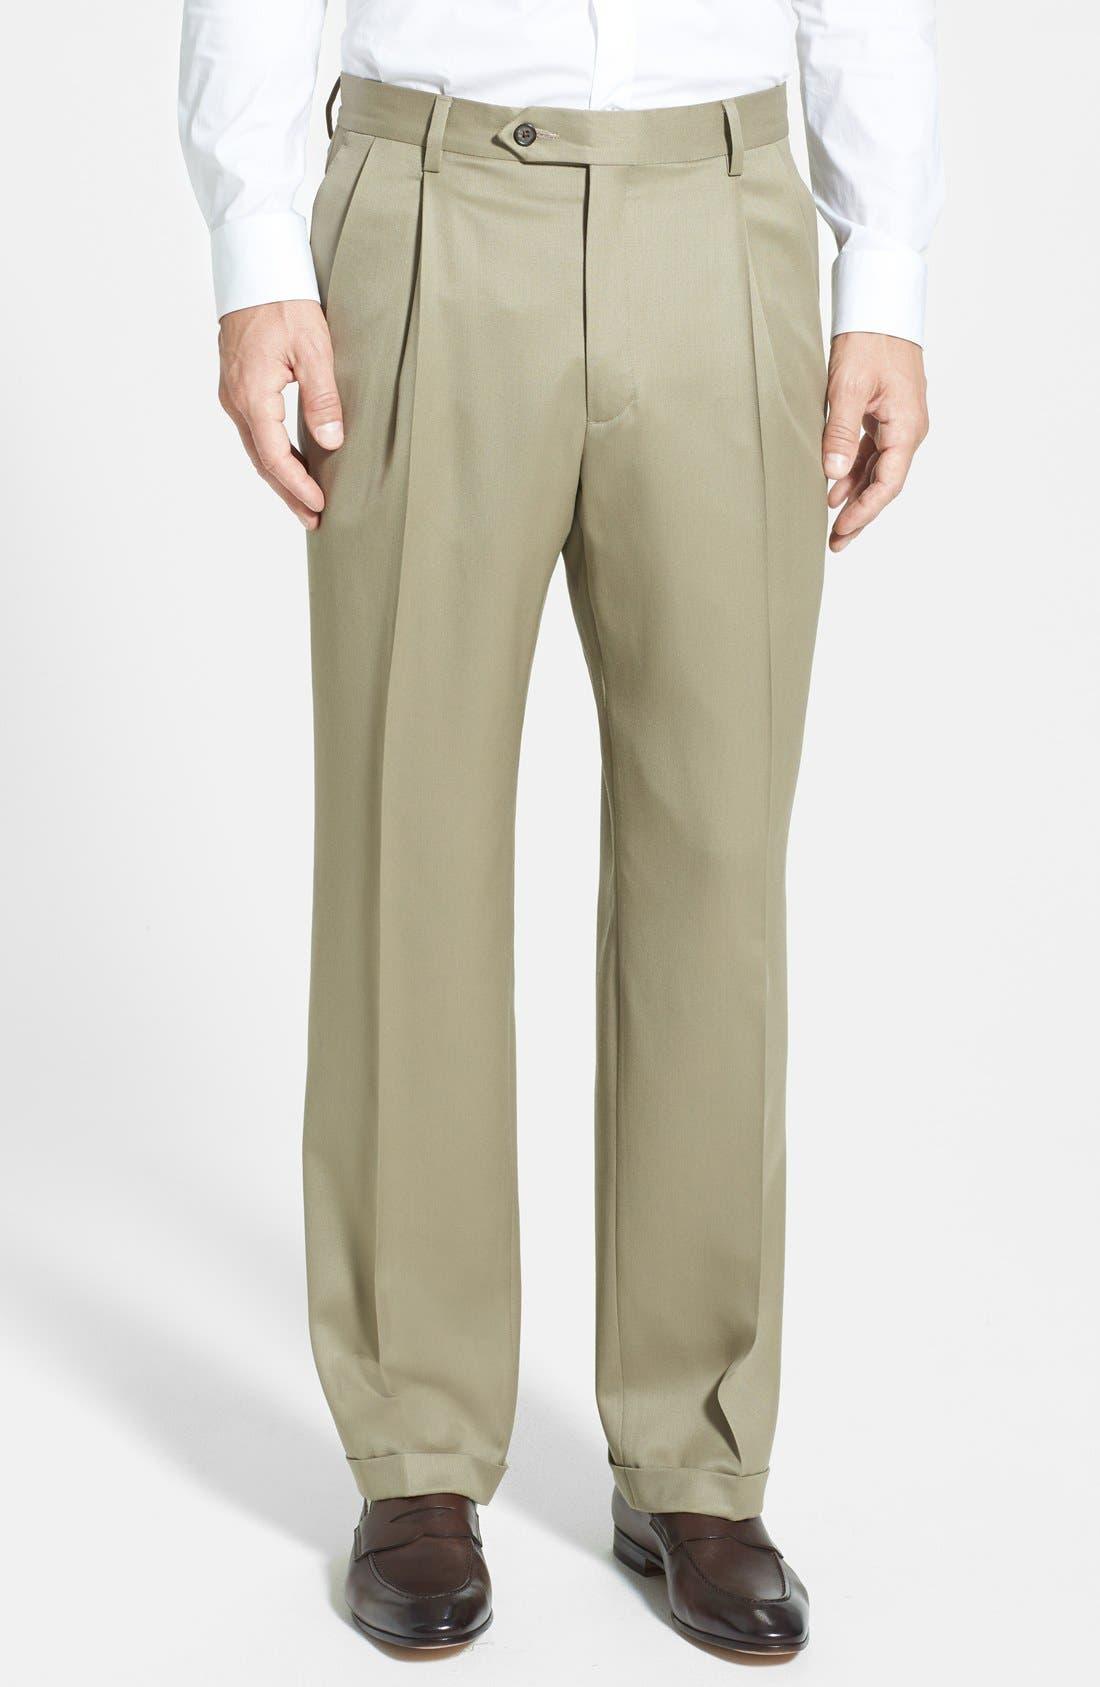 BERLE, Pleated Wool Gabardine Trousers, Main thumbnail 1, color, TAN